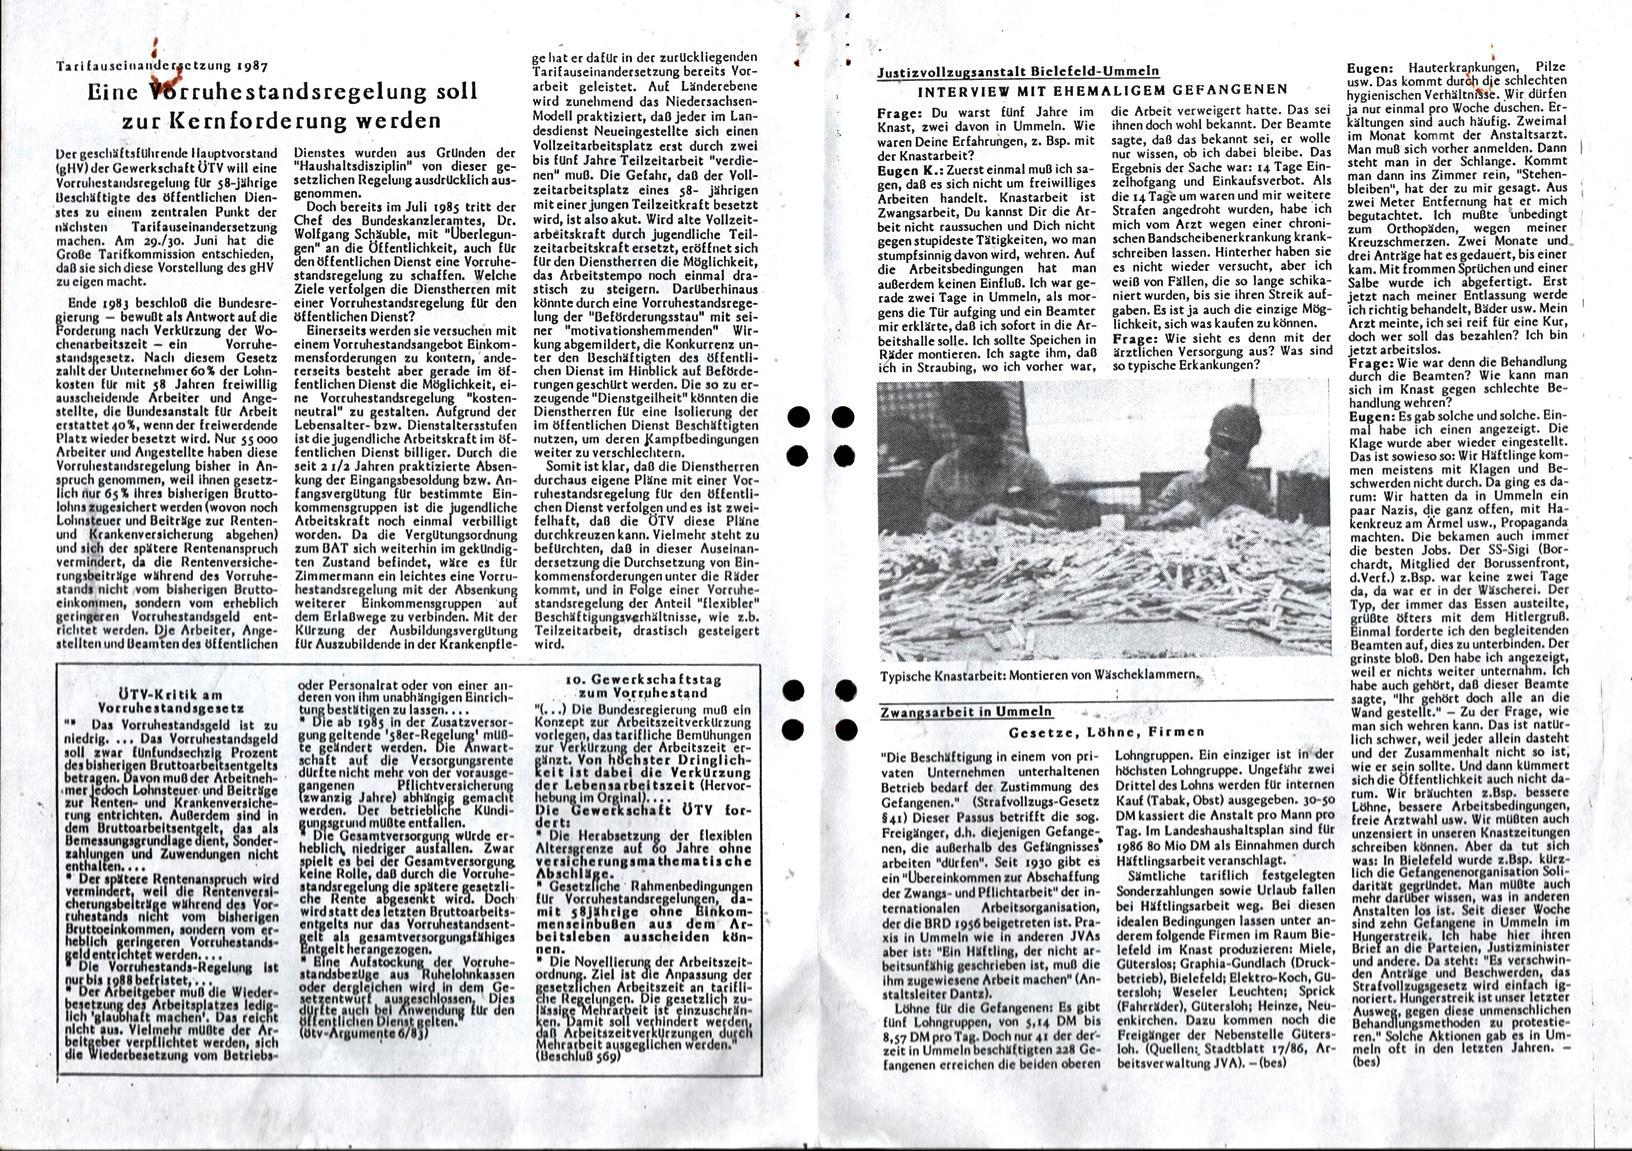 NRW_BWK_BZ_Oeffentlicher_Dienst_19860723_002